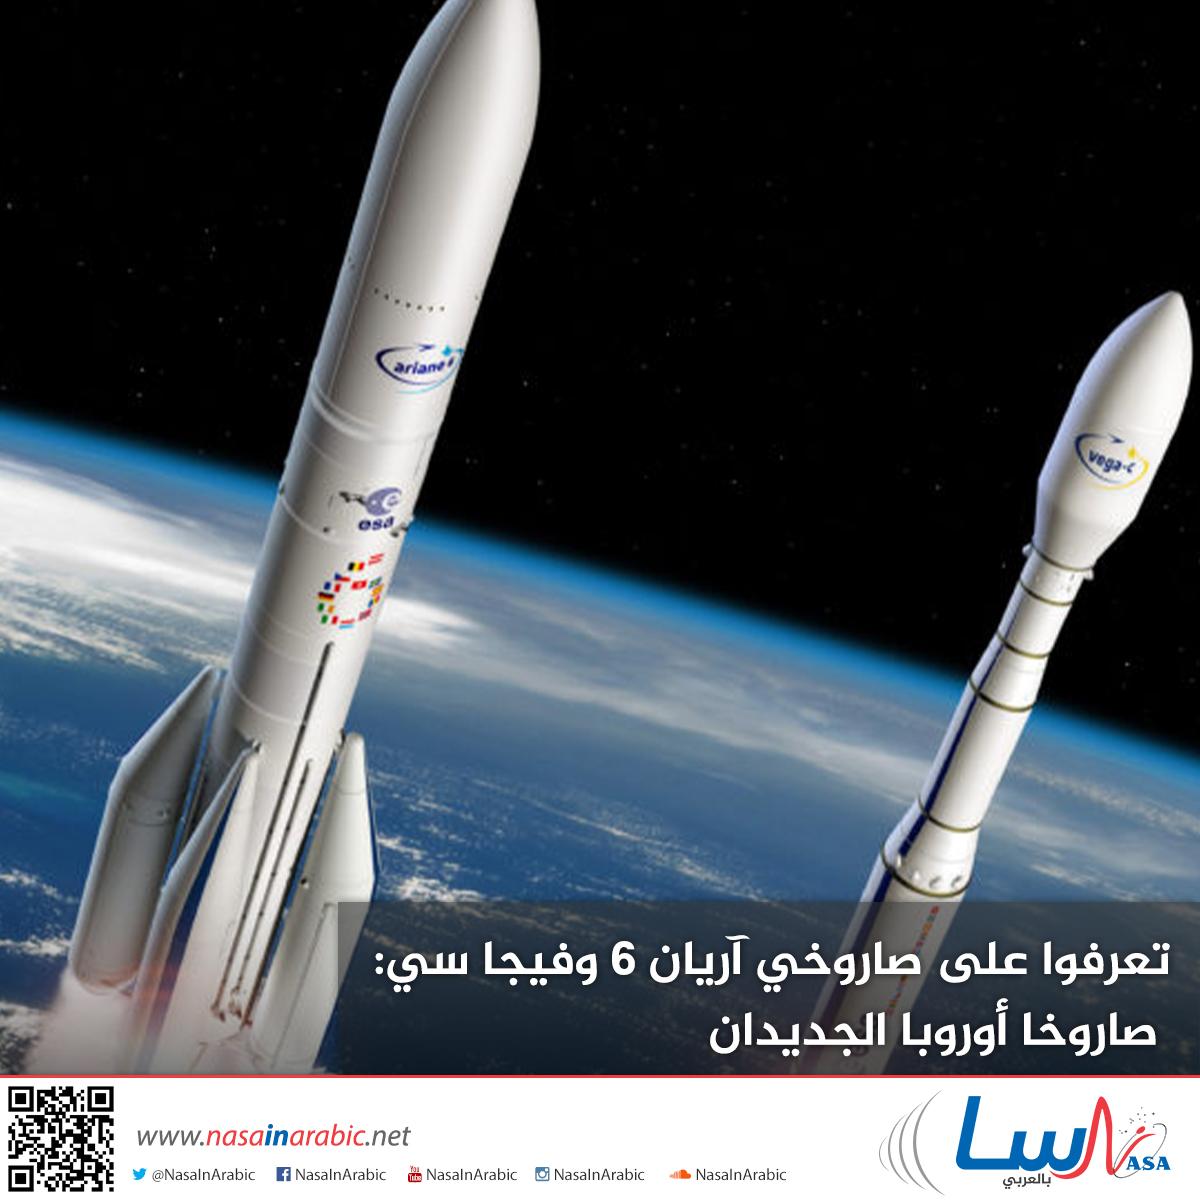 تعرفوا على صاروخي آريان 6 وفيجا سي: صاروخا أوروبا الجديدان